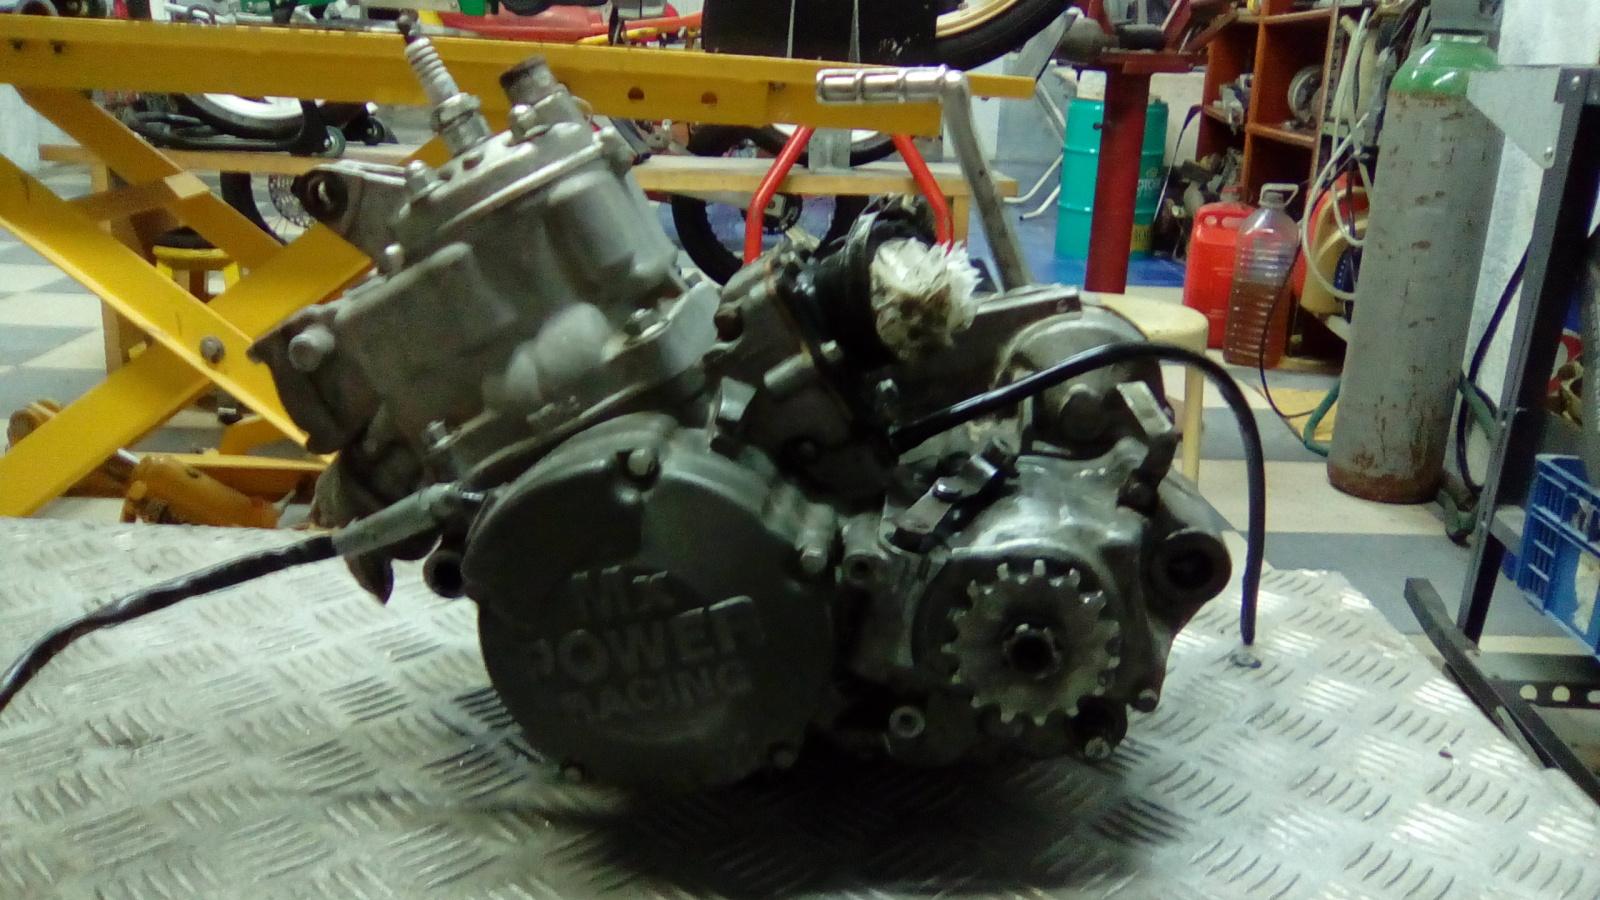 MH 003 JJ.COBAS Moto Hernan 2rwxbo8